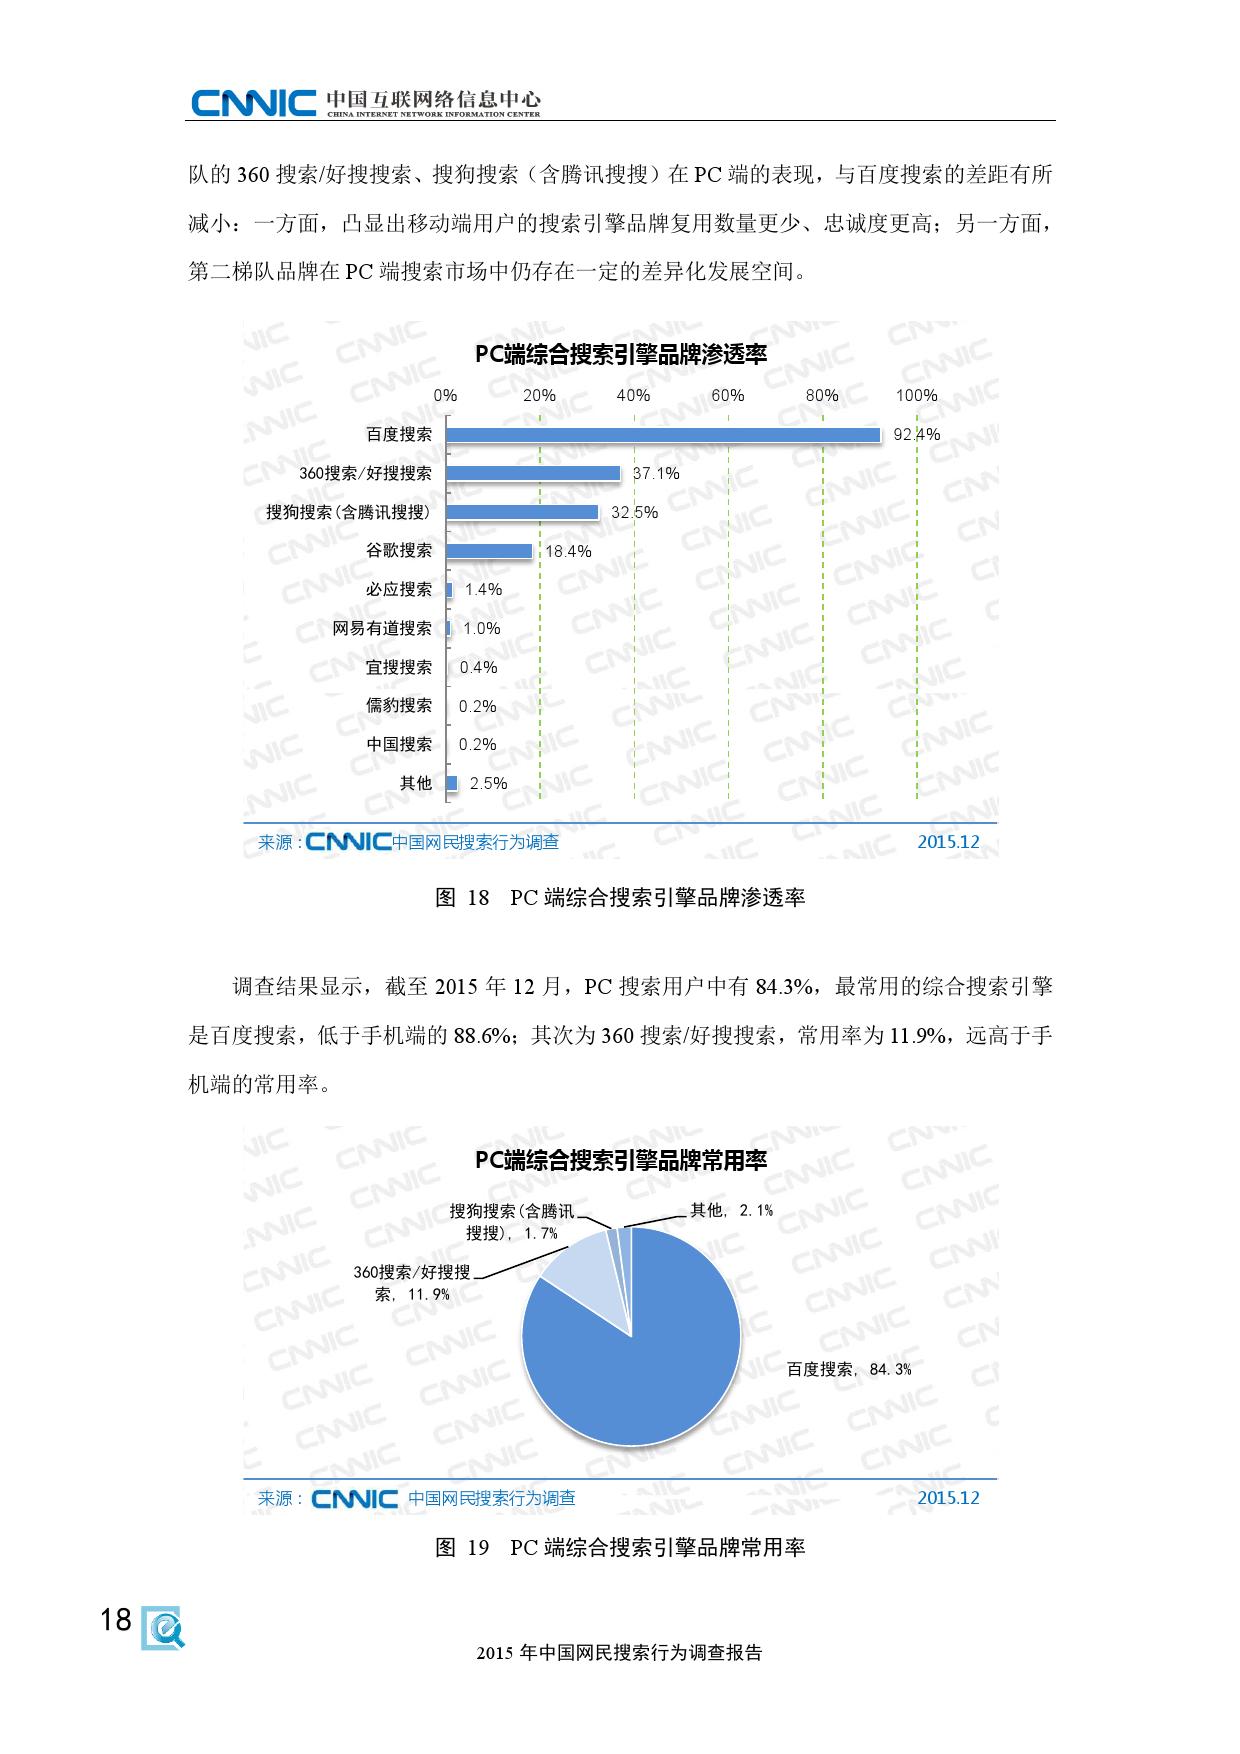 CNNIC:2015年中国网民搜索行为调查_000026